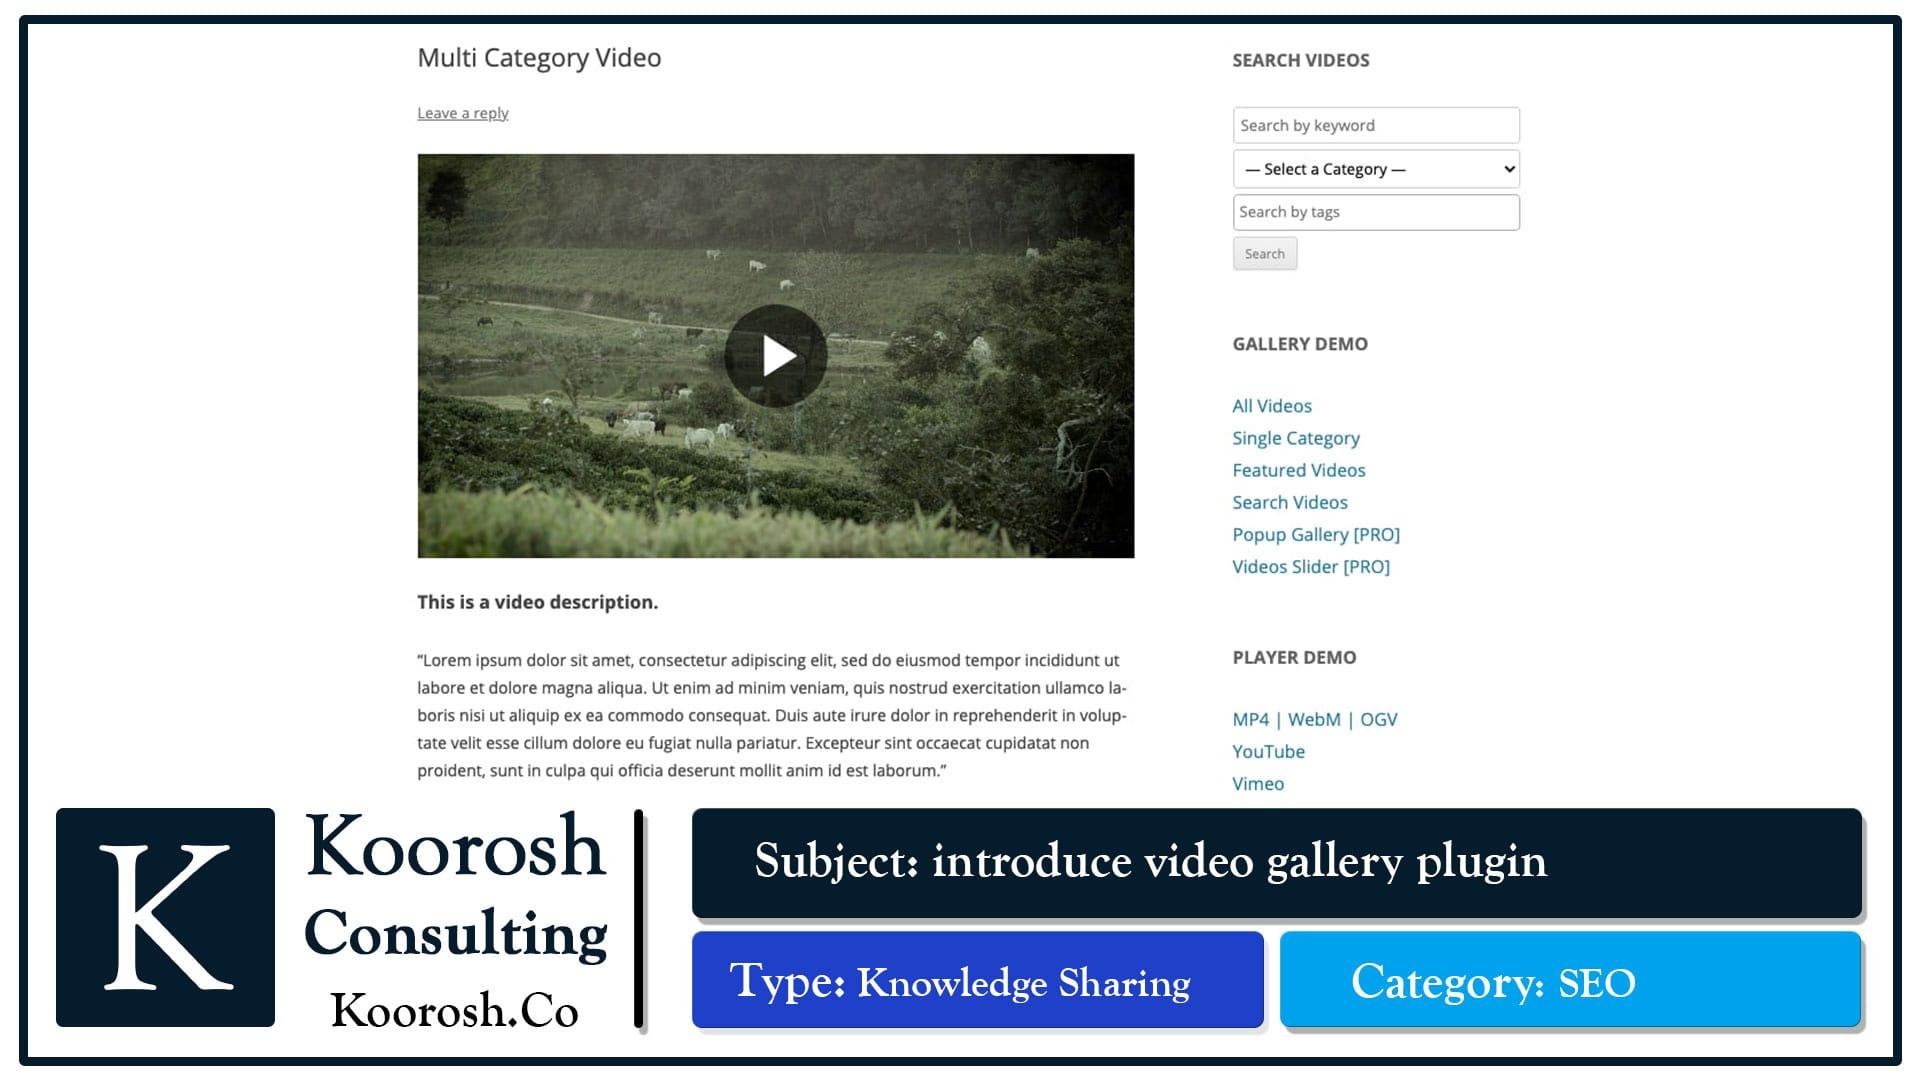 4. ویدیوهایی که از سمت سرور بر روی URL های جداگانه